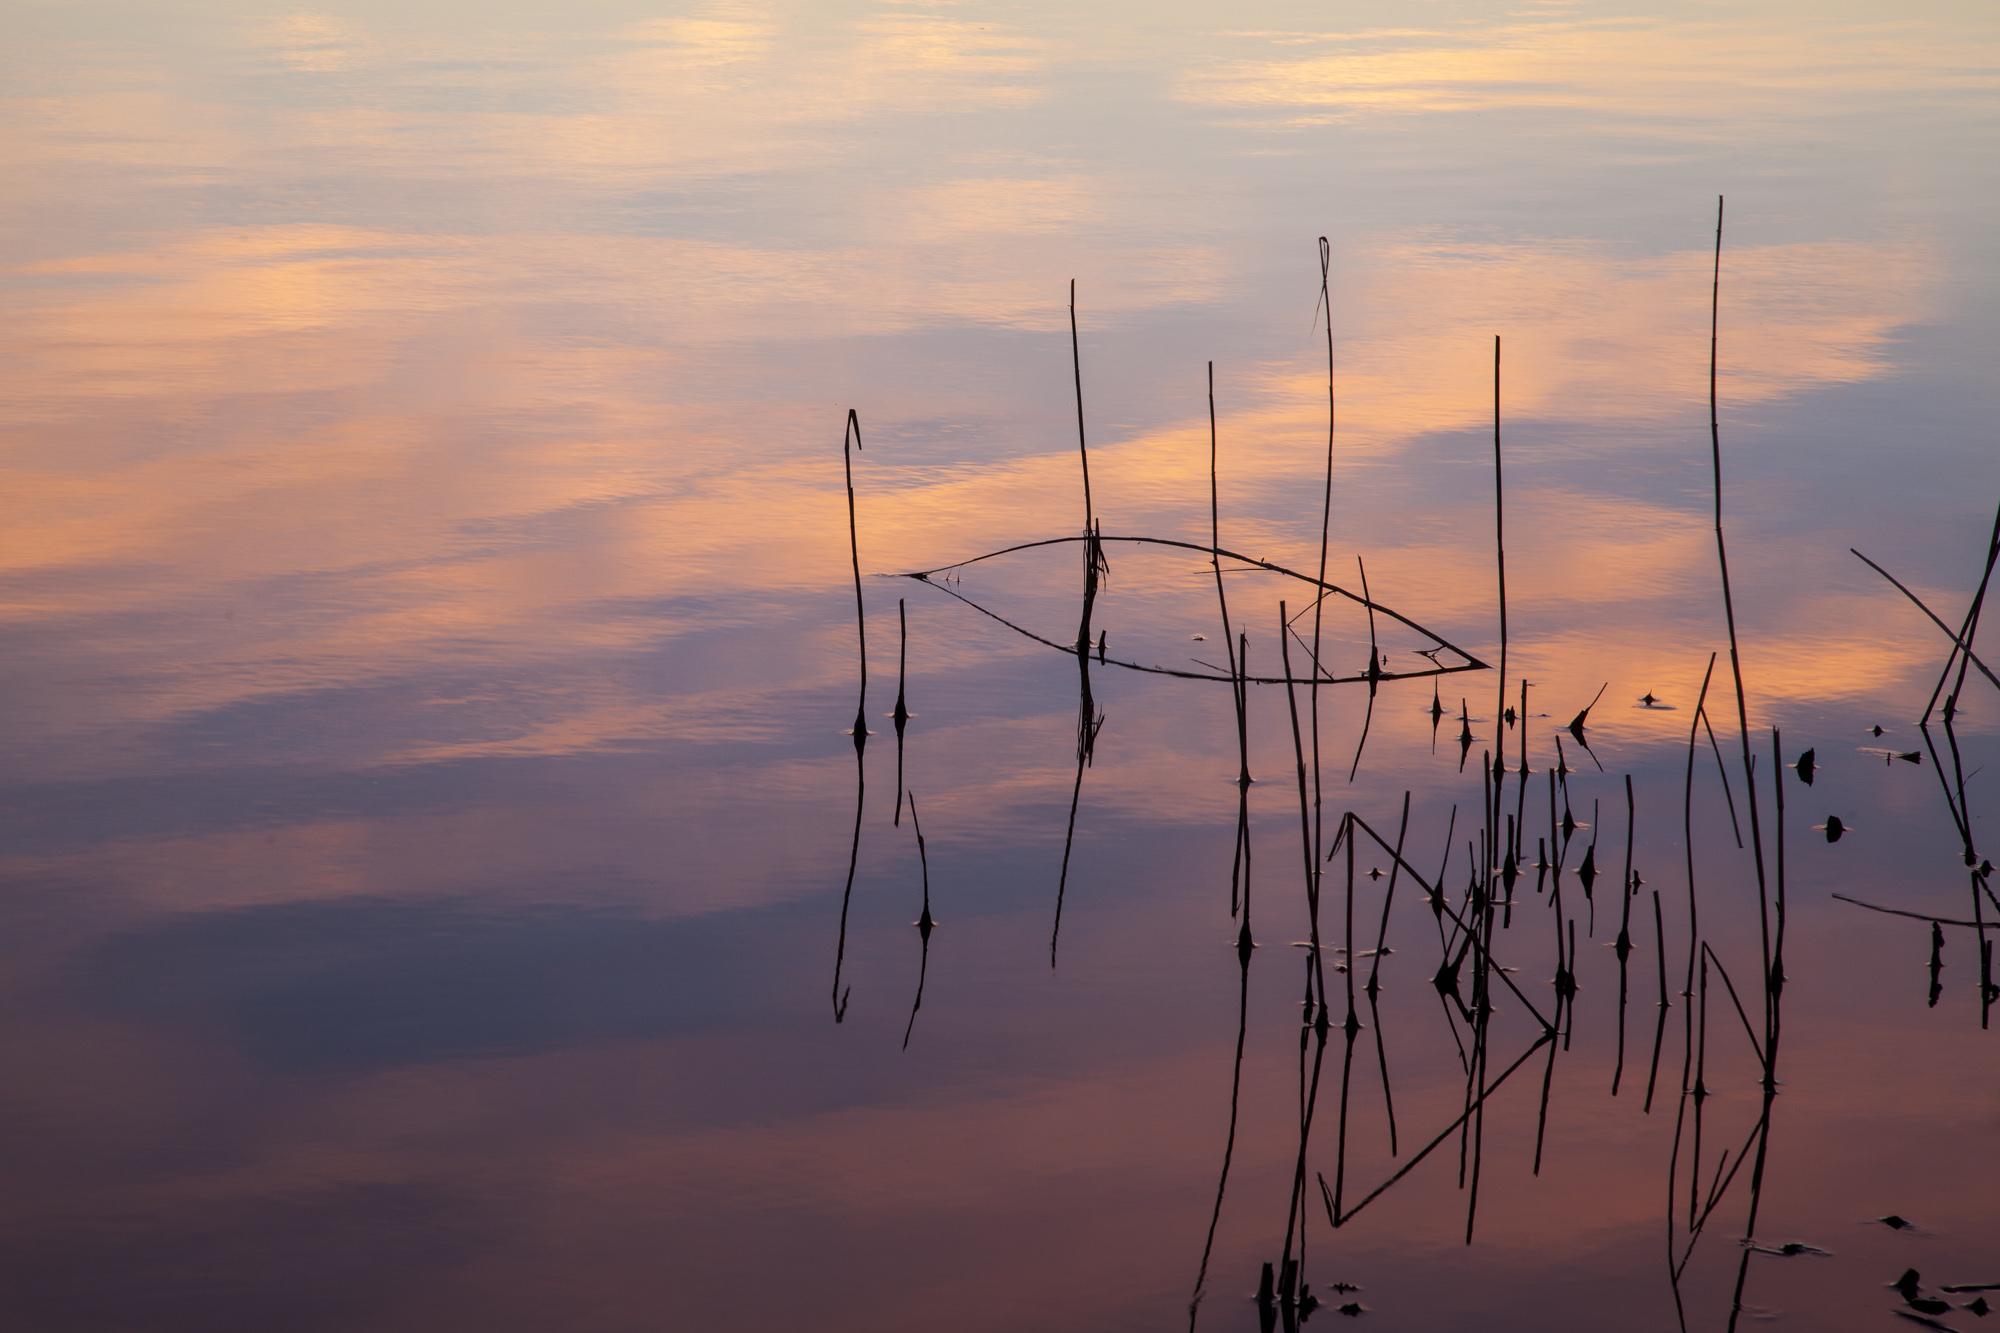 015 - Høsthimmel i Årungen